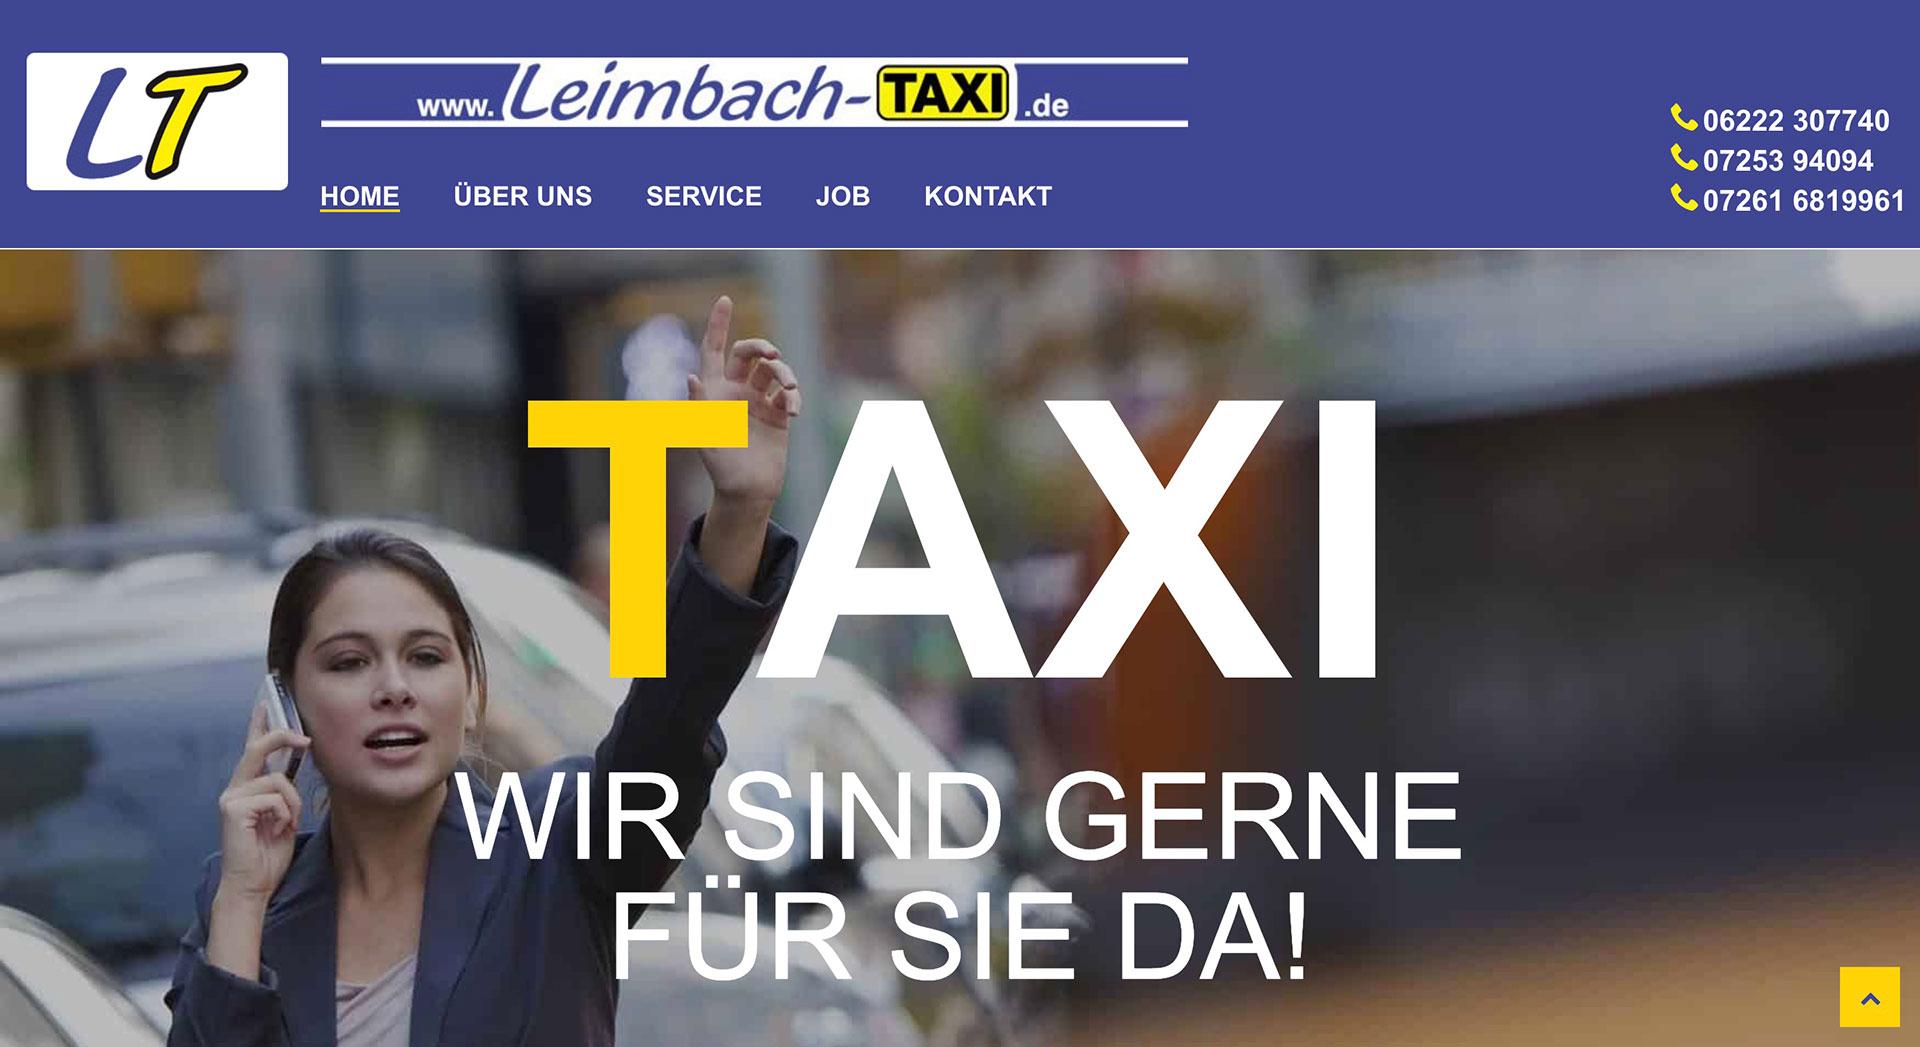 Taxiunternehmen |Leimbach-Taxi GmbH